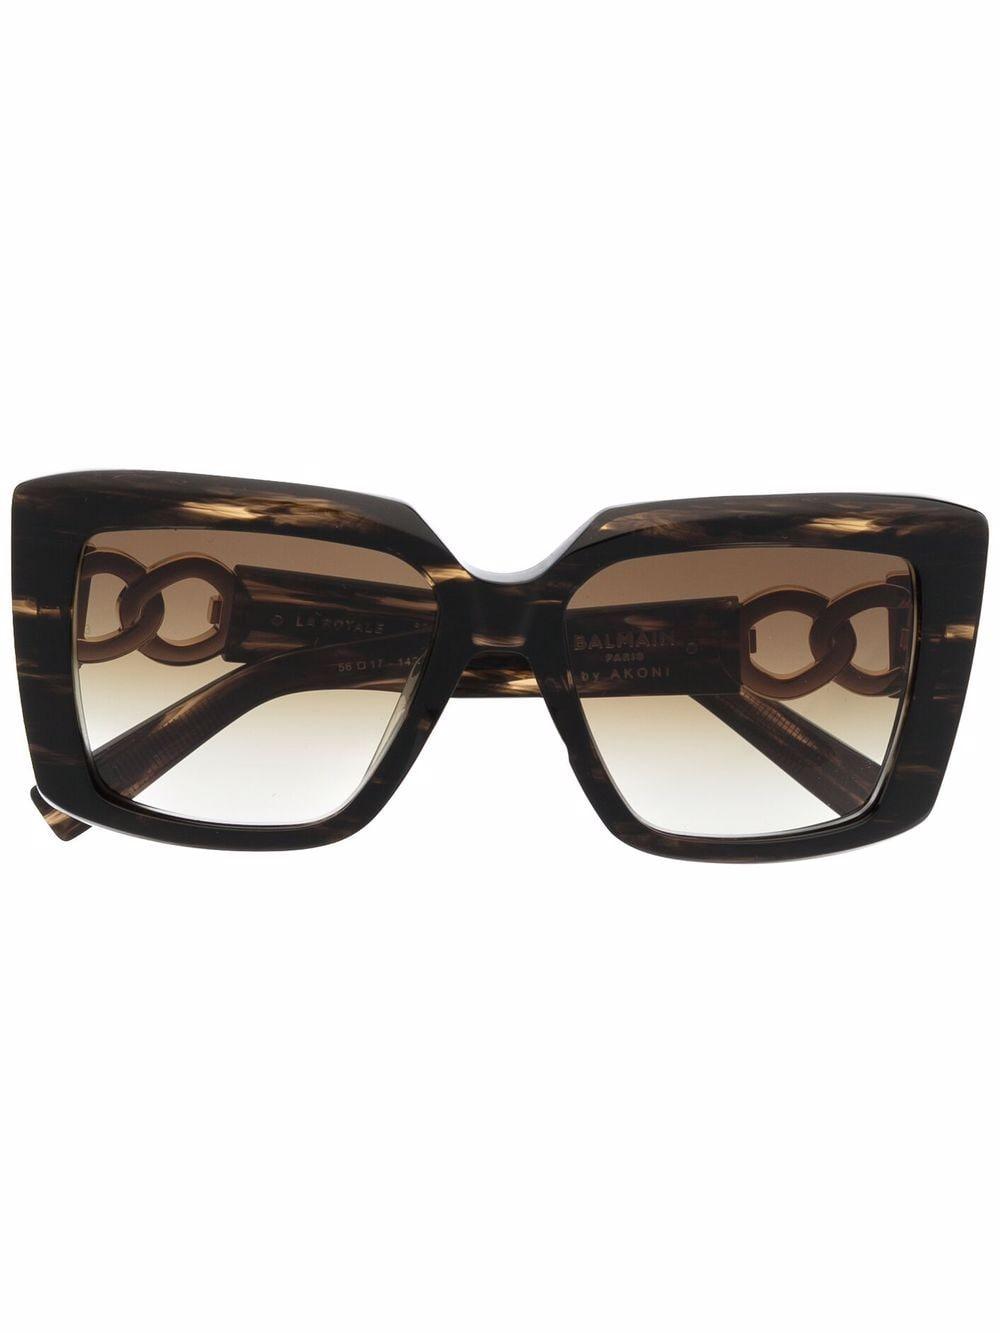 Balmain Eyewear Eckige La Royale Sonnenbrille - Braun